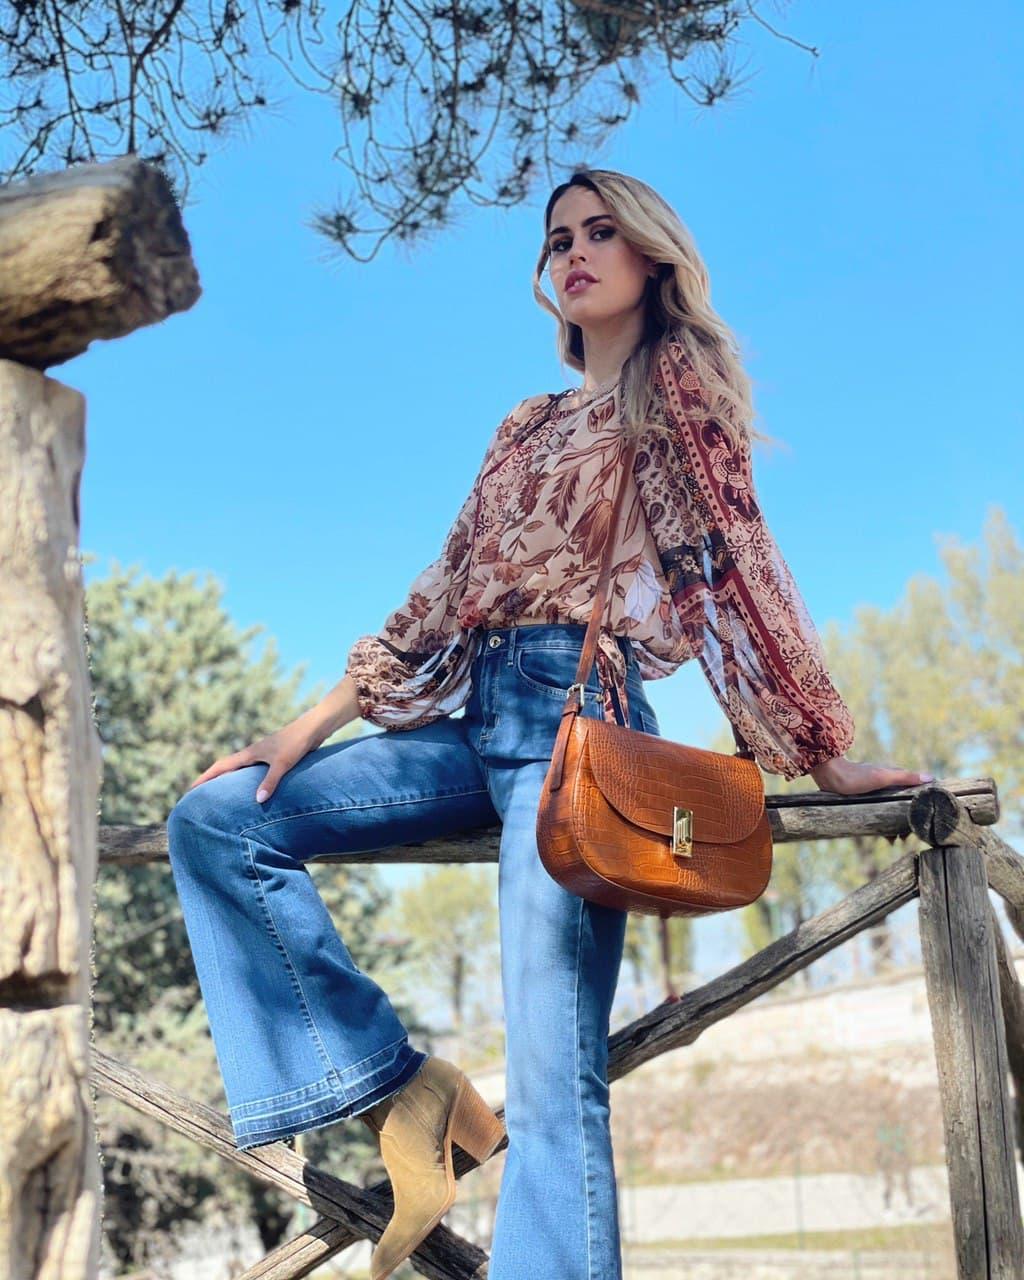 tendenza anni '70: jeans a zampa